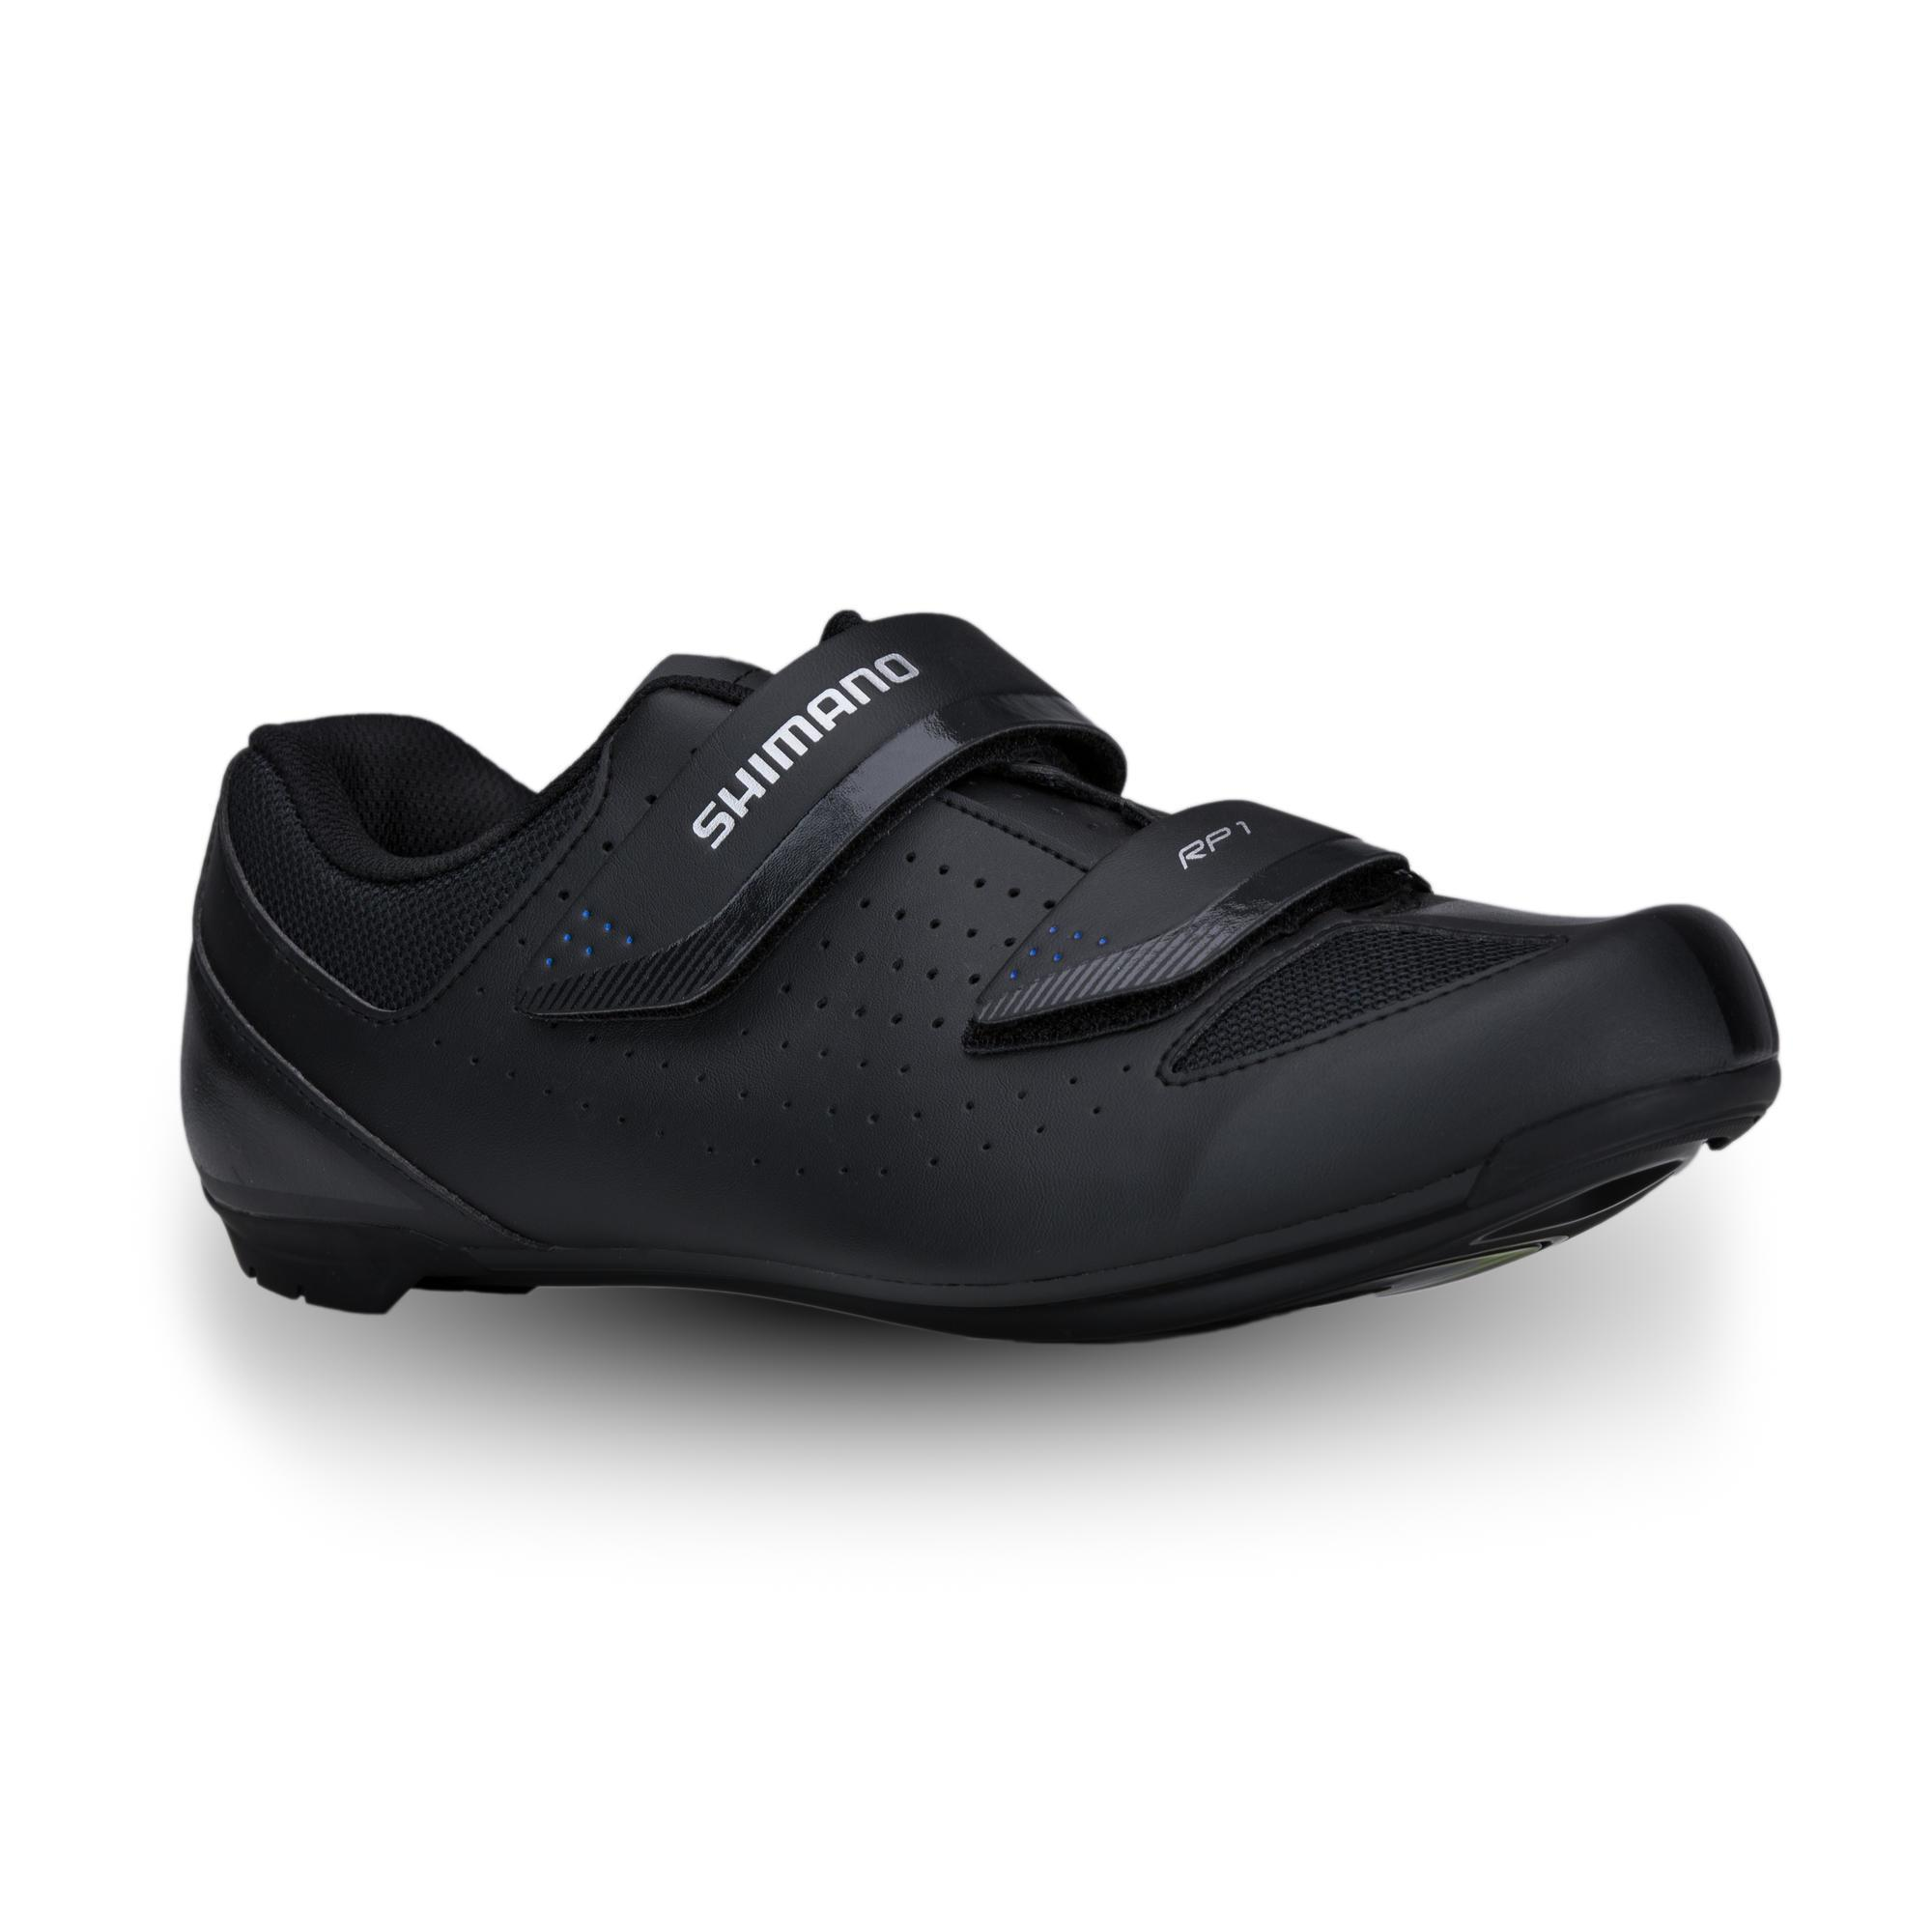 amplia gama comprar nuevo buscar oficial Comprar Zapatillas Ciclismo Online | Decathlon